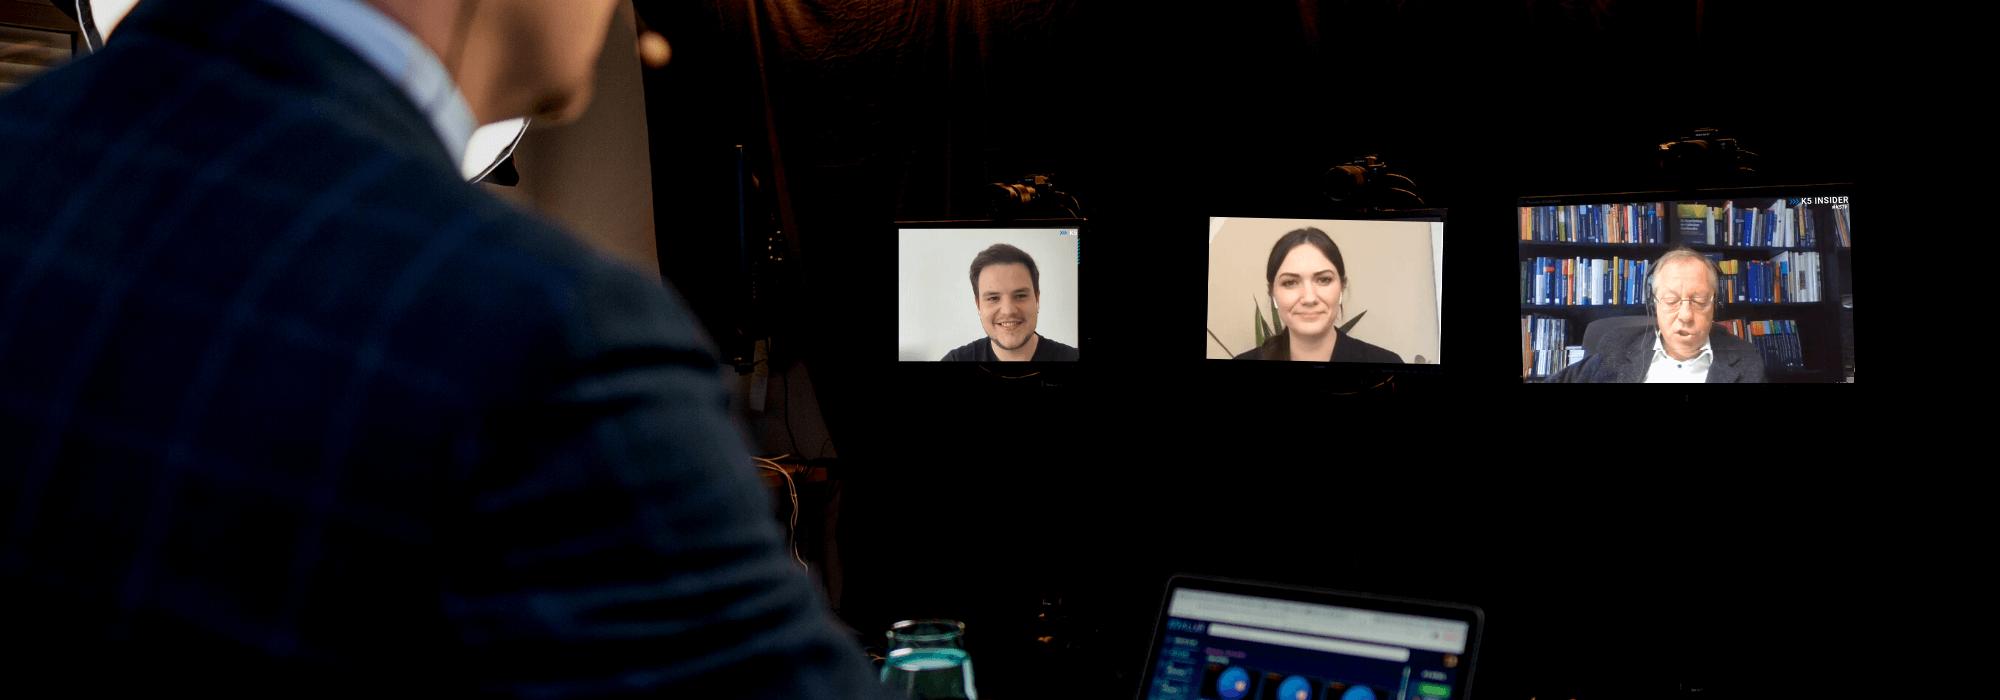 Blick über die Schulter von Sven Rittau auf die Bildschirme der Studiogäste